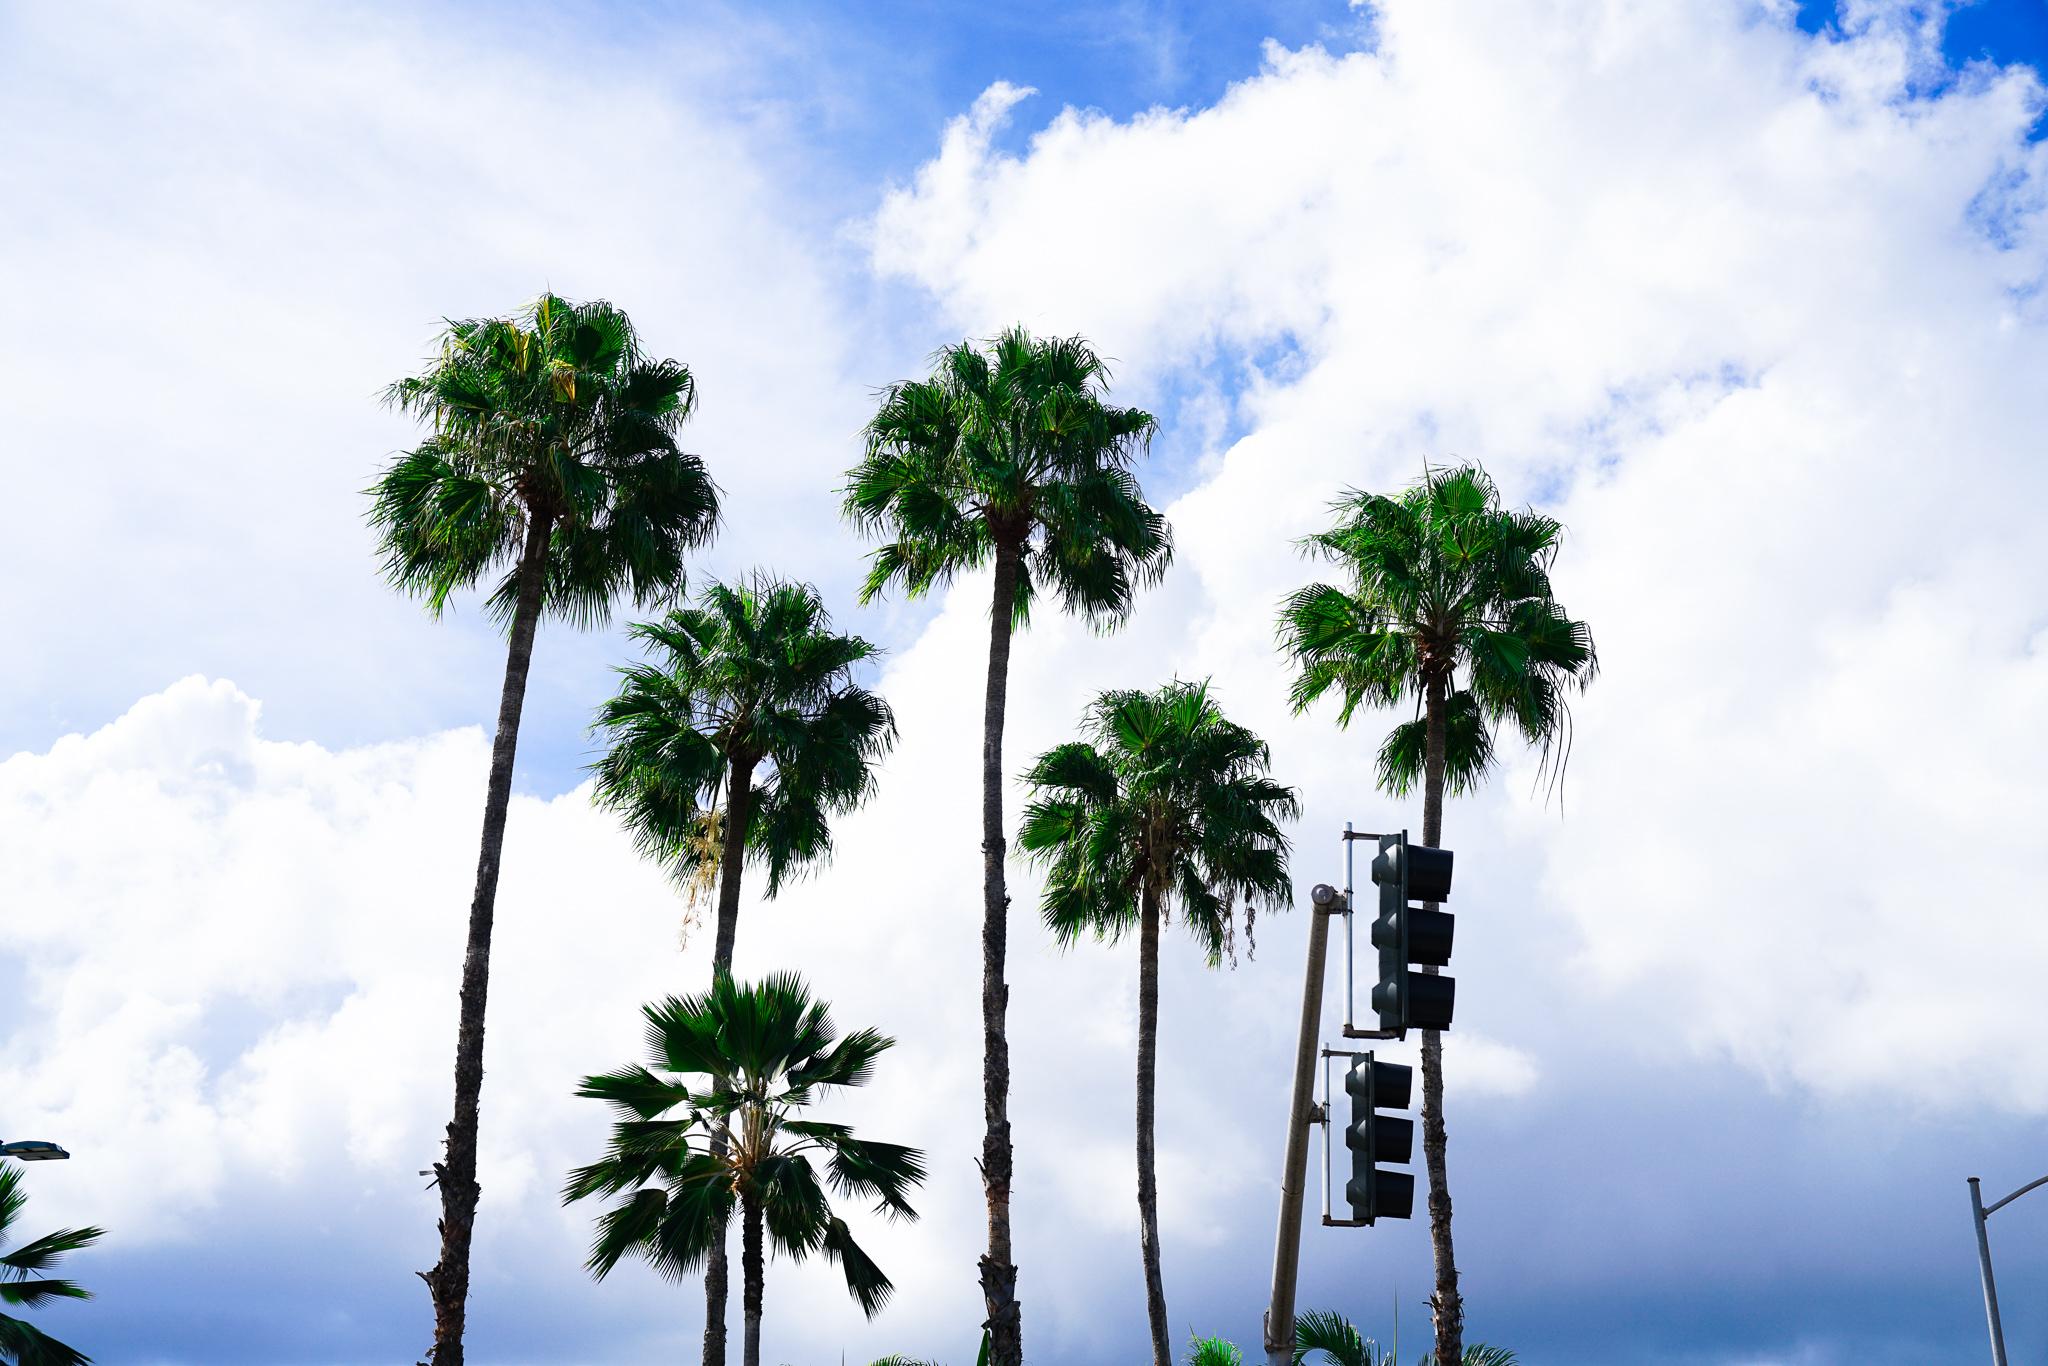 【GoPro】白飛び問題を解消!NDフィルターオススメ4選